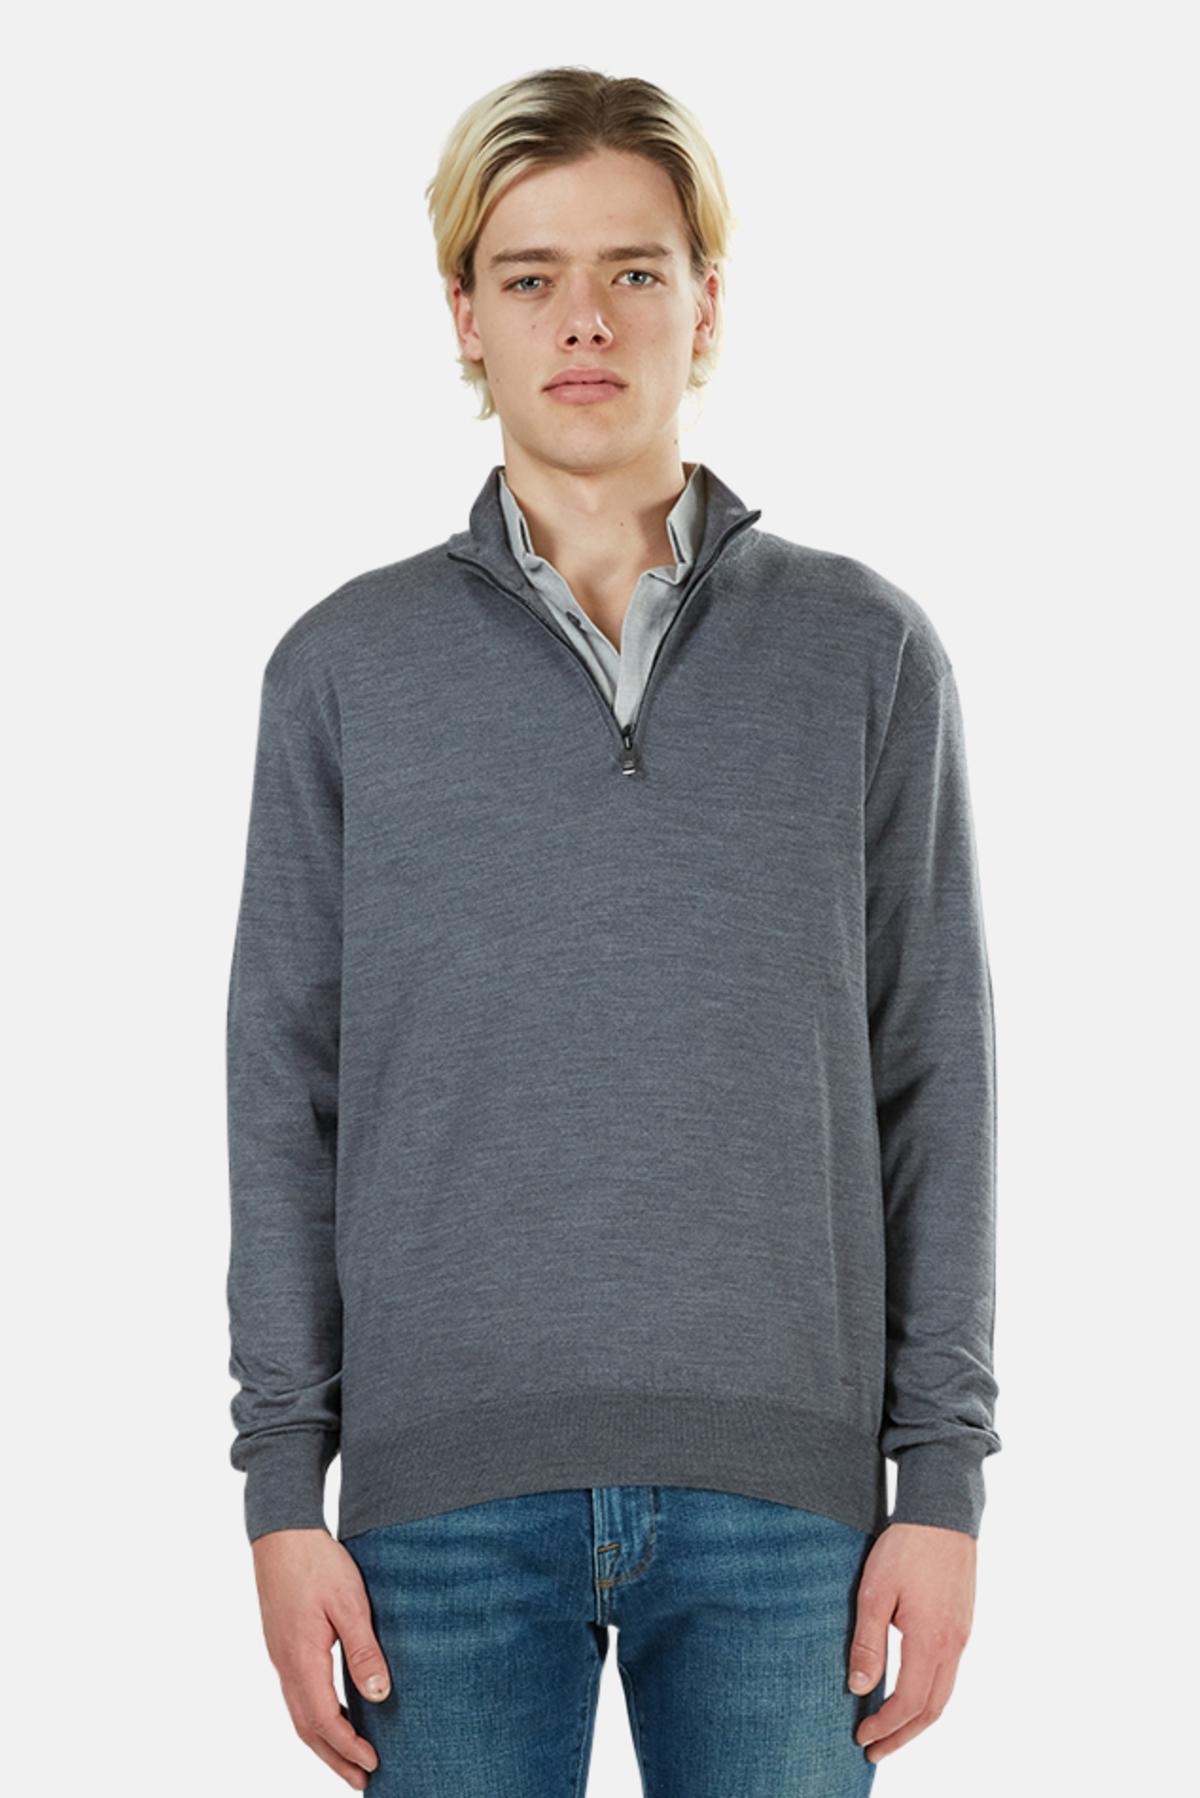 Lee Mens Mock Neck Quarter Zip Sweater